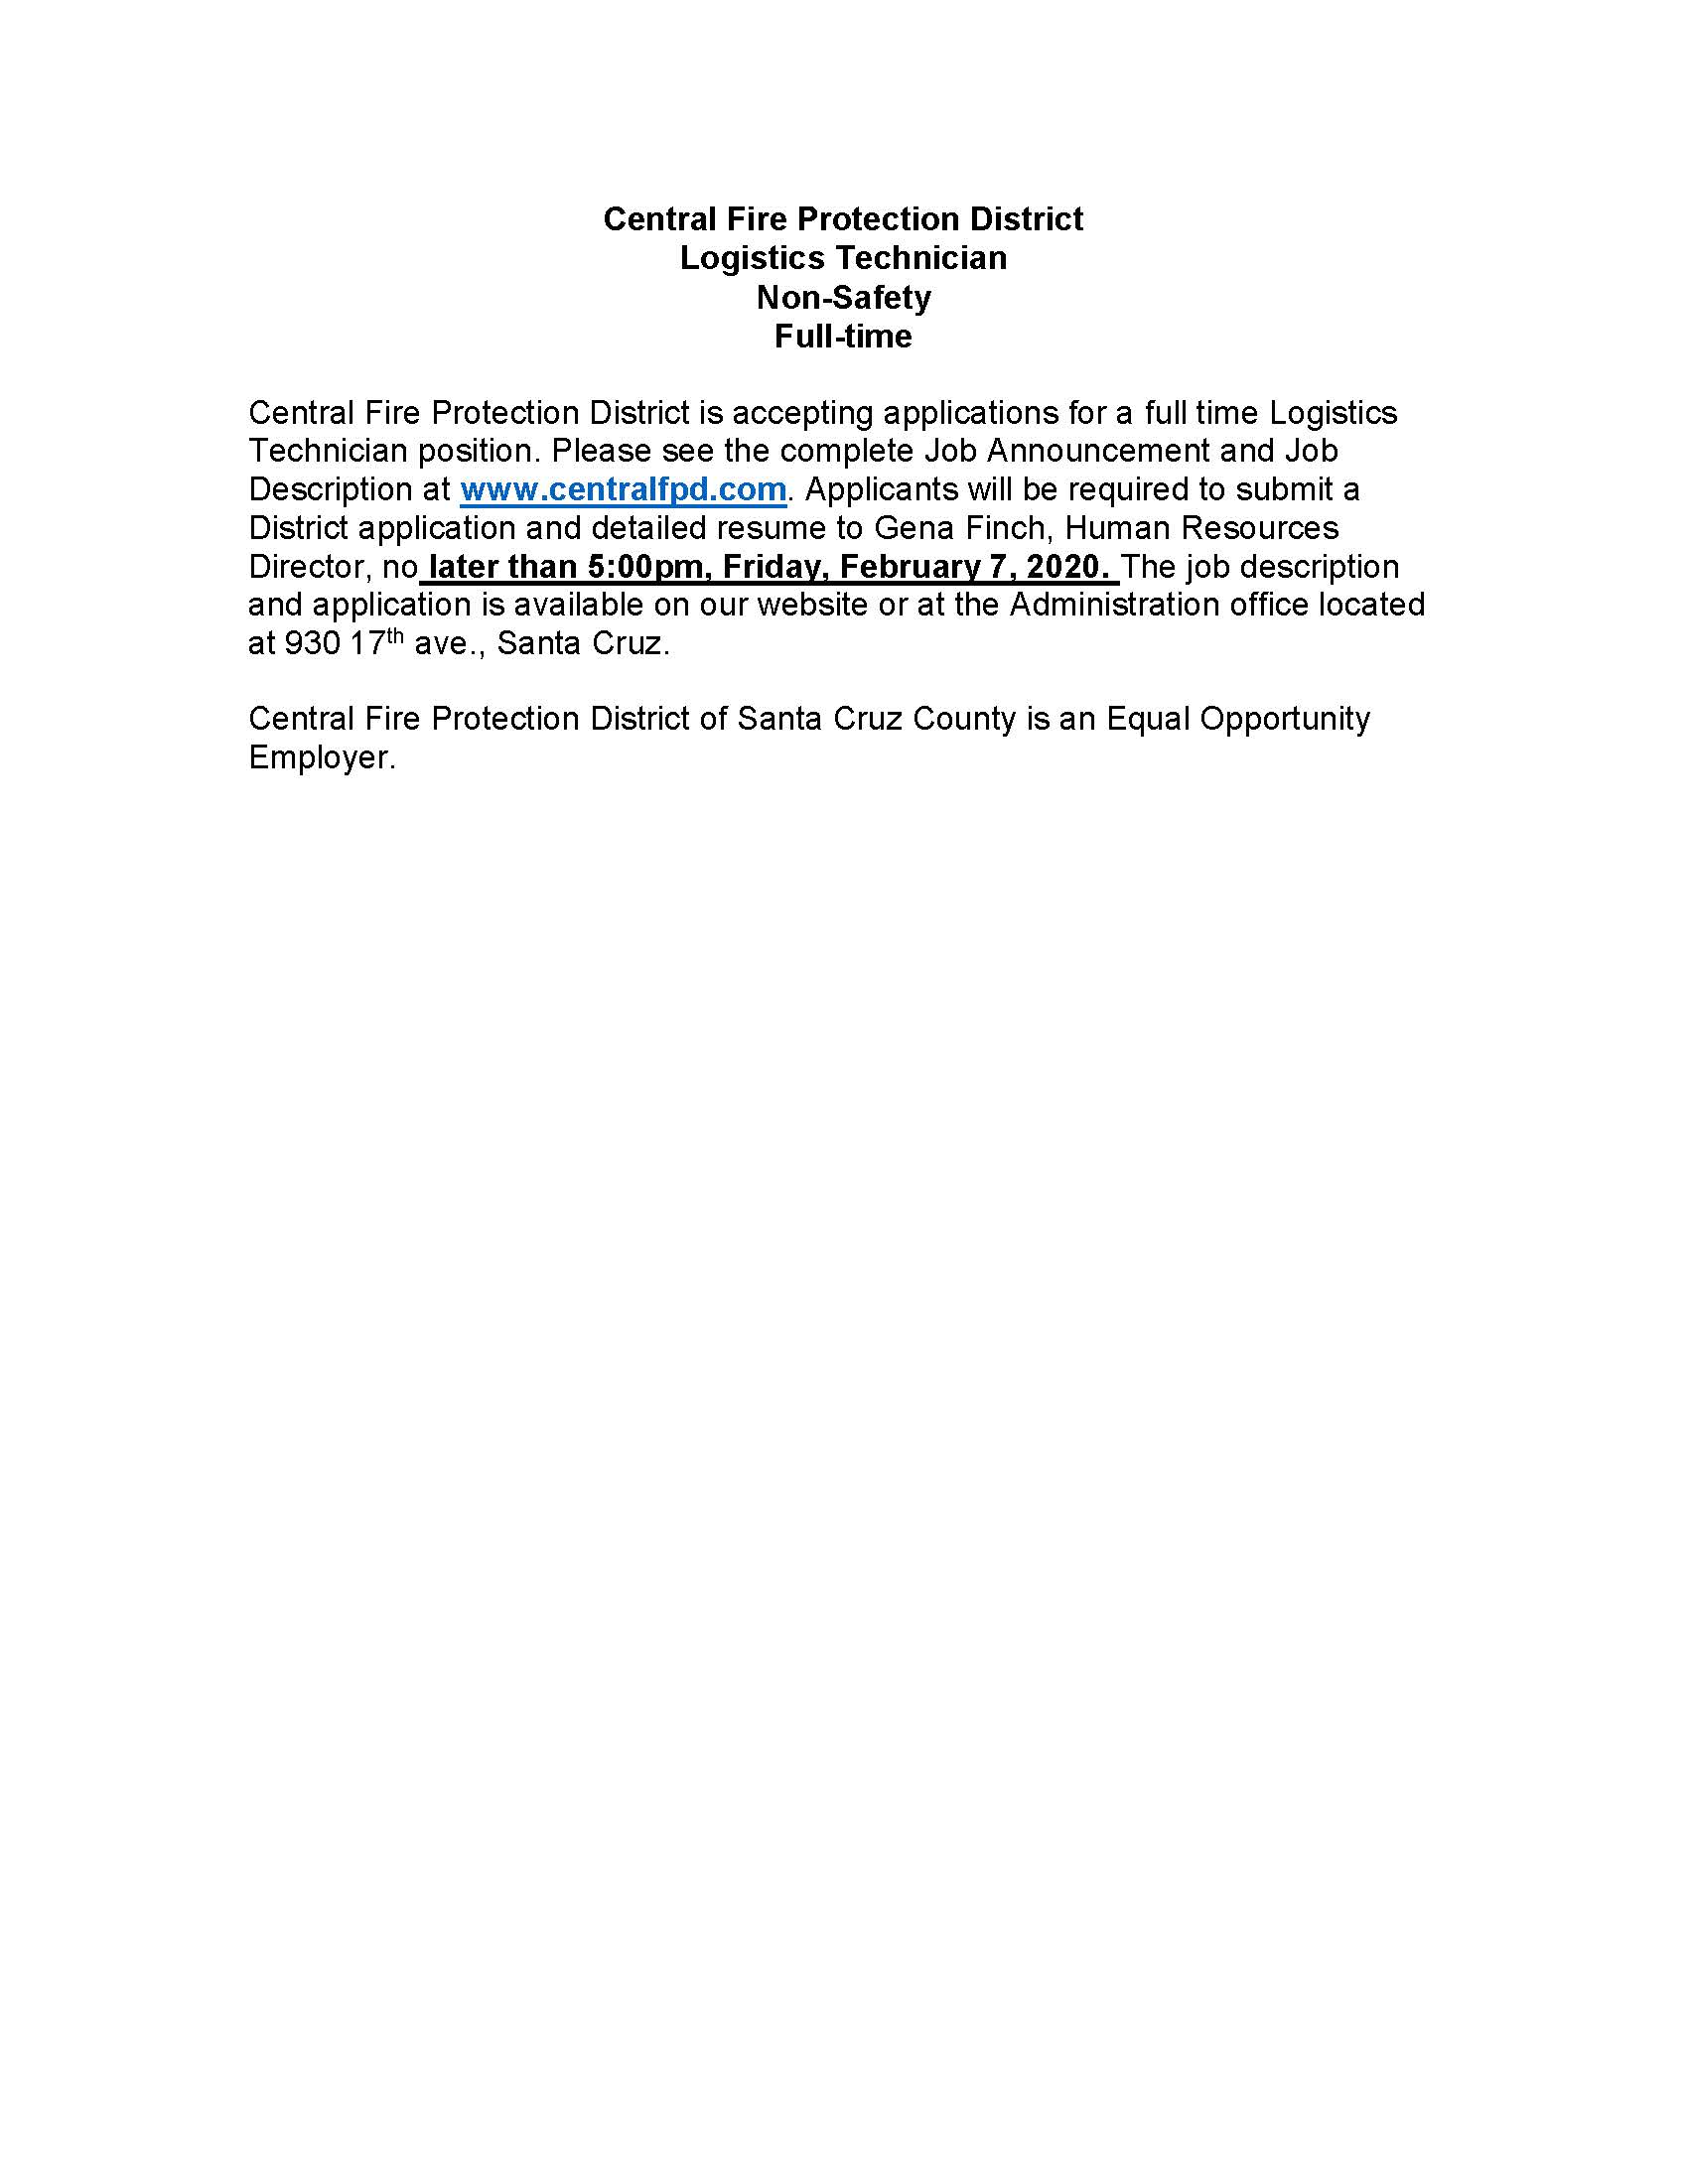 2020 Logisitics Technician-CFPD